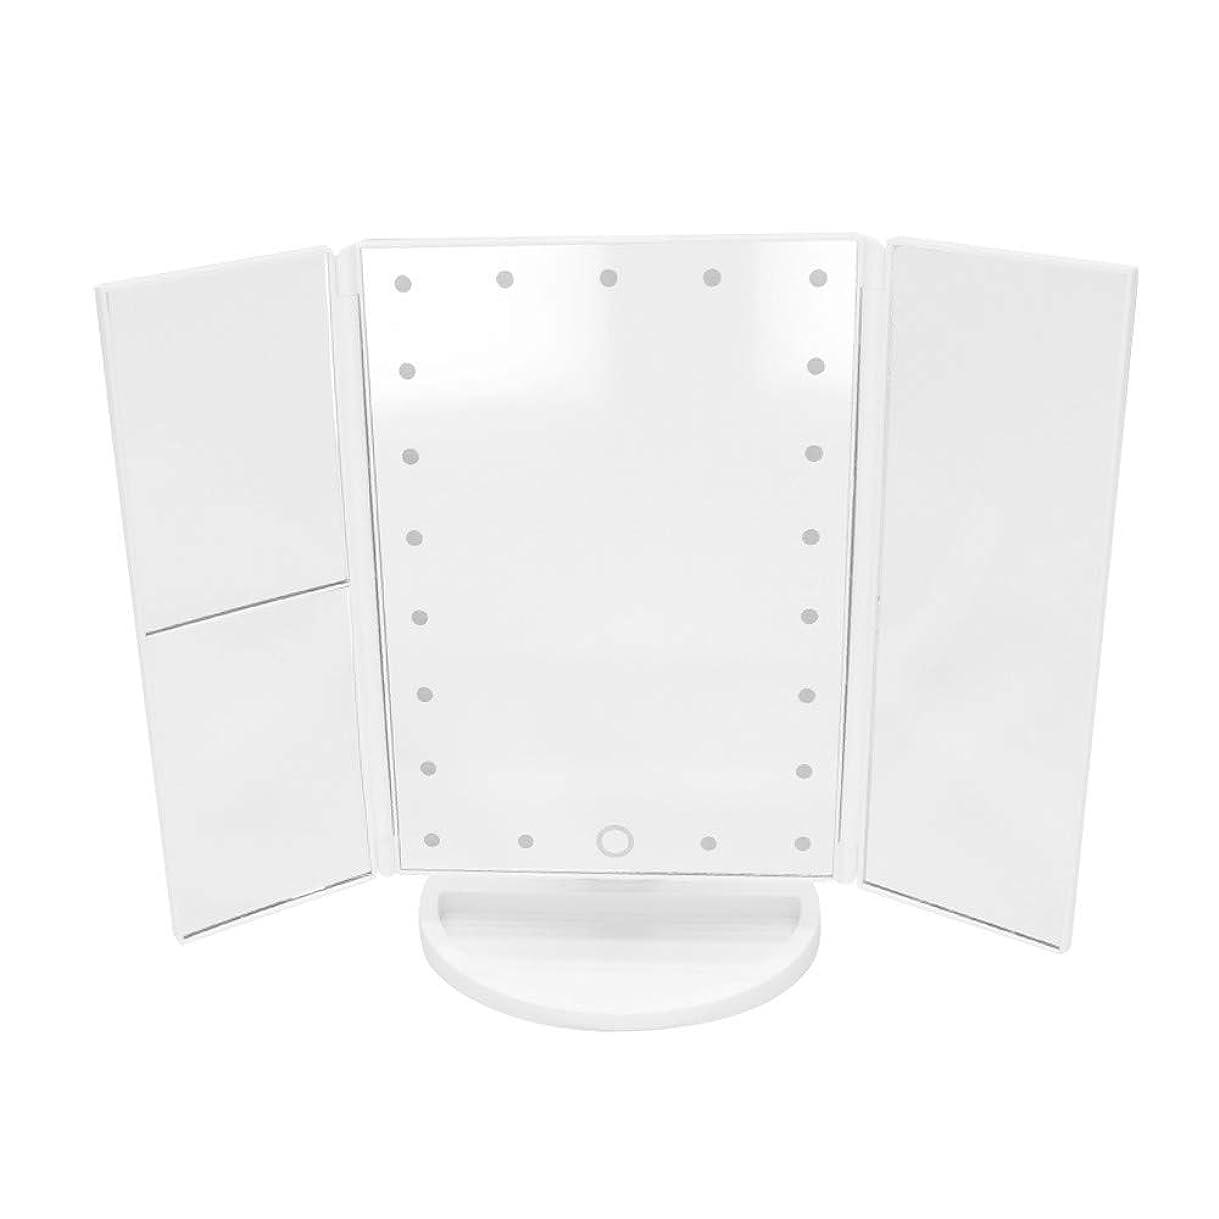 袋知覚できるみなす化粧鏡 化粧ミラー 卓上ミラー スタンドミラー 折りたたみ式の三面鏡 ledライト付き 2&3倍拡大鏡付き 角度調整可 電池とUSBの2way給電 ホワイト